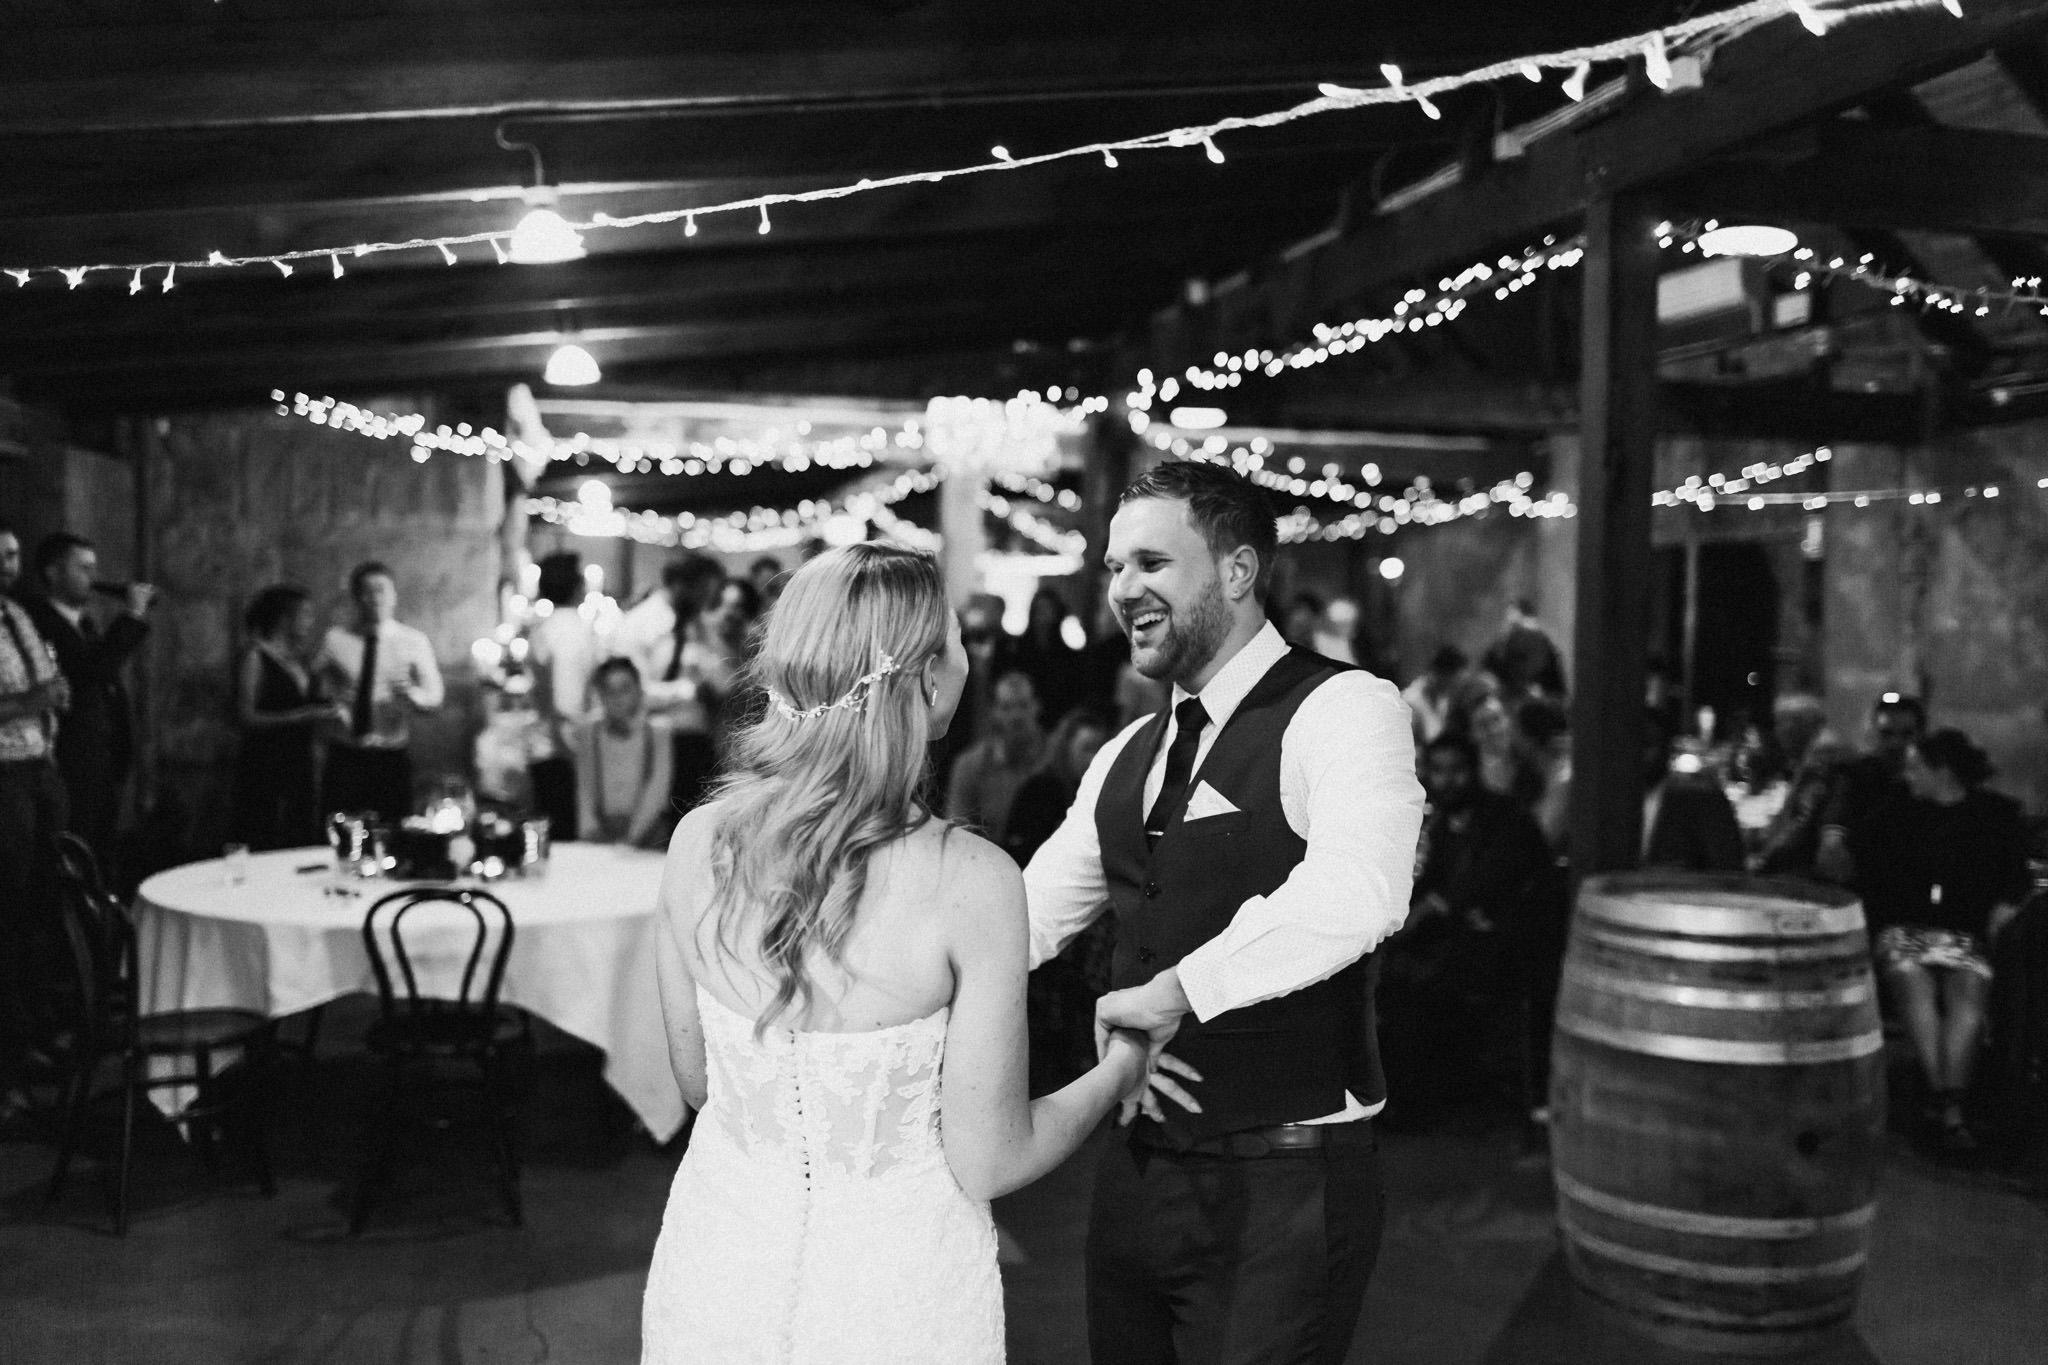 WeddingPhotos_Facebook_2048pixels-1150.jpg